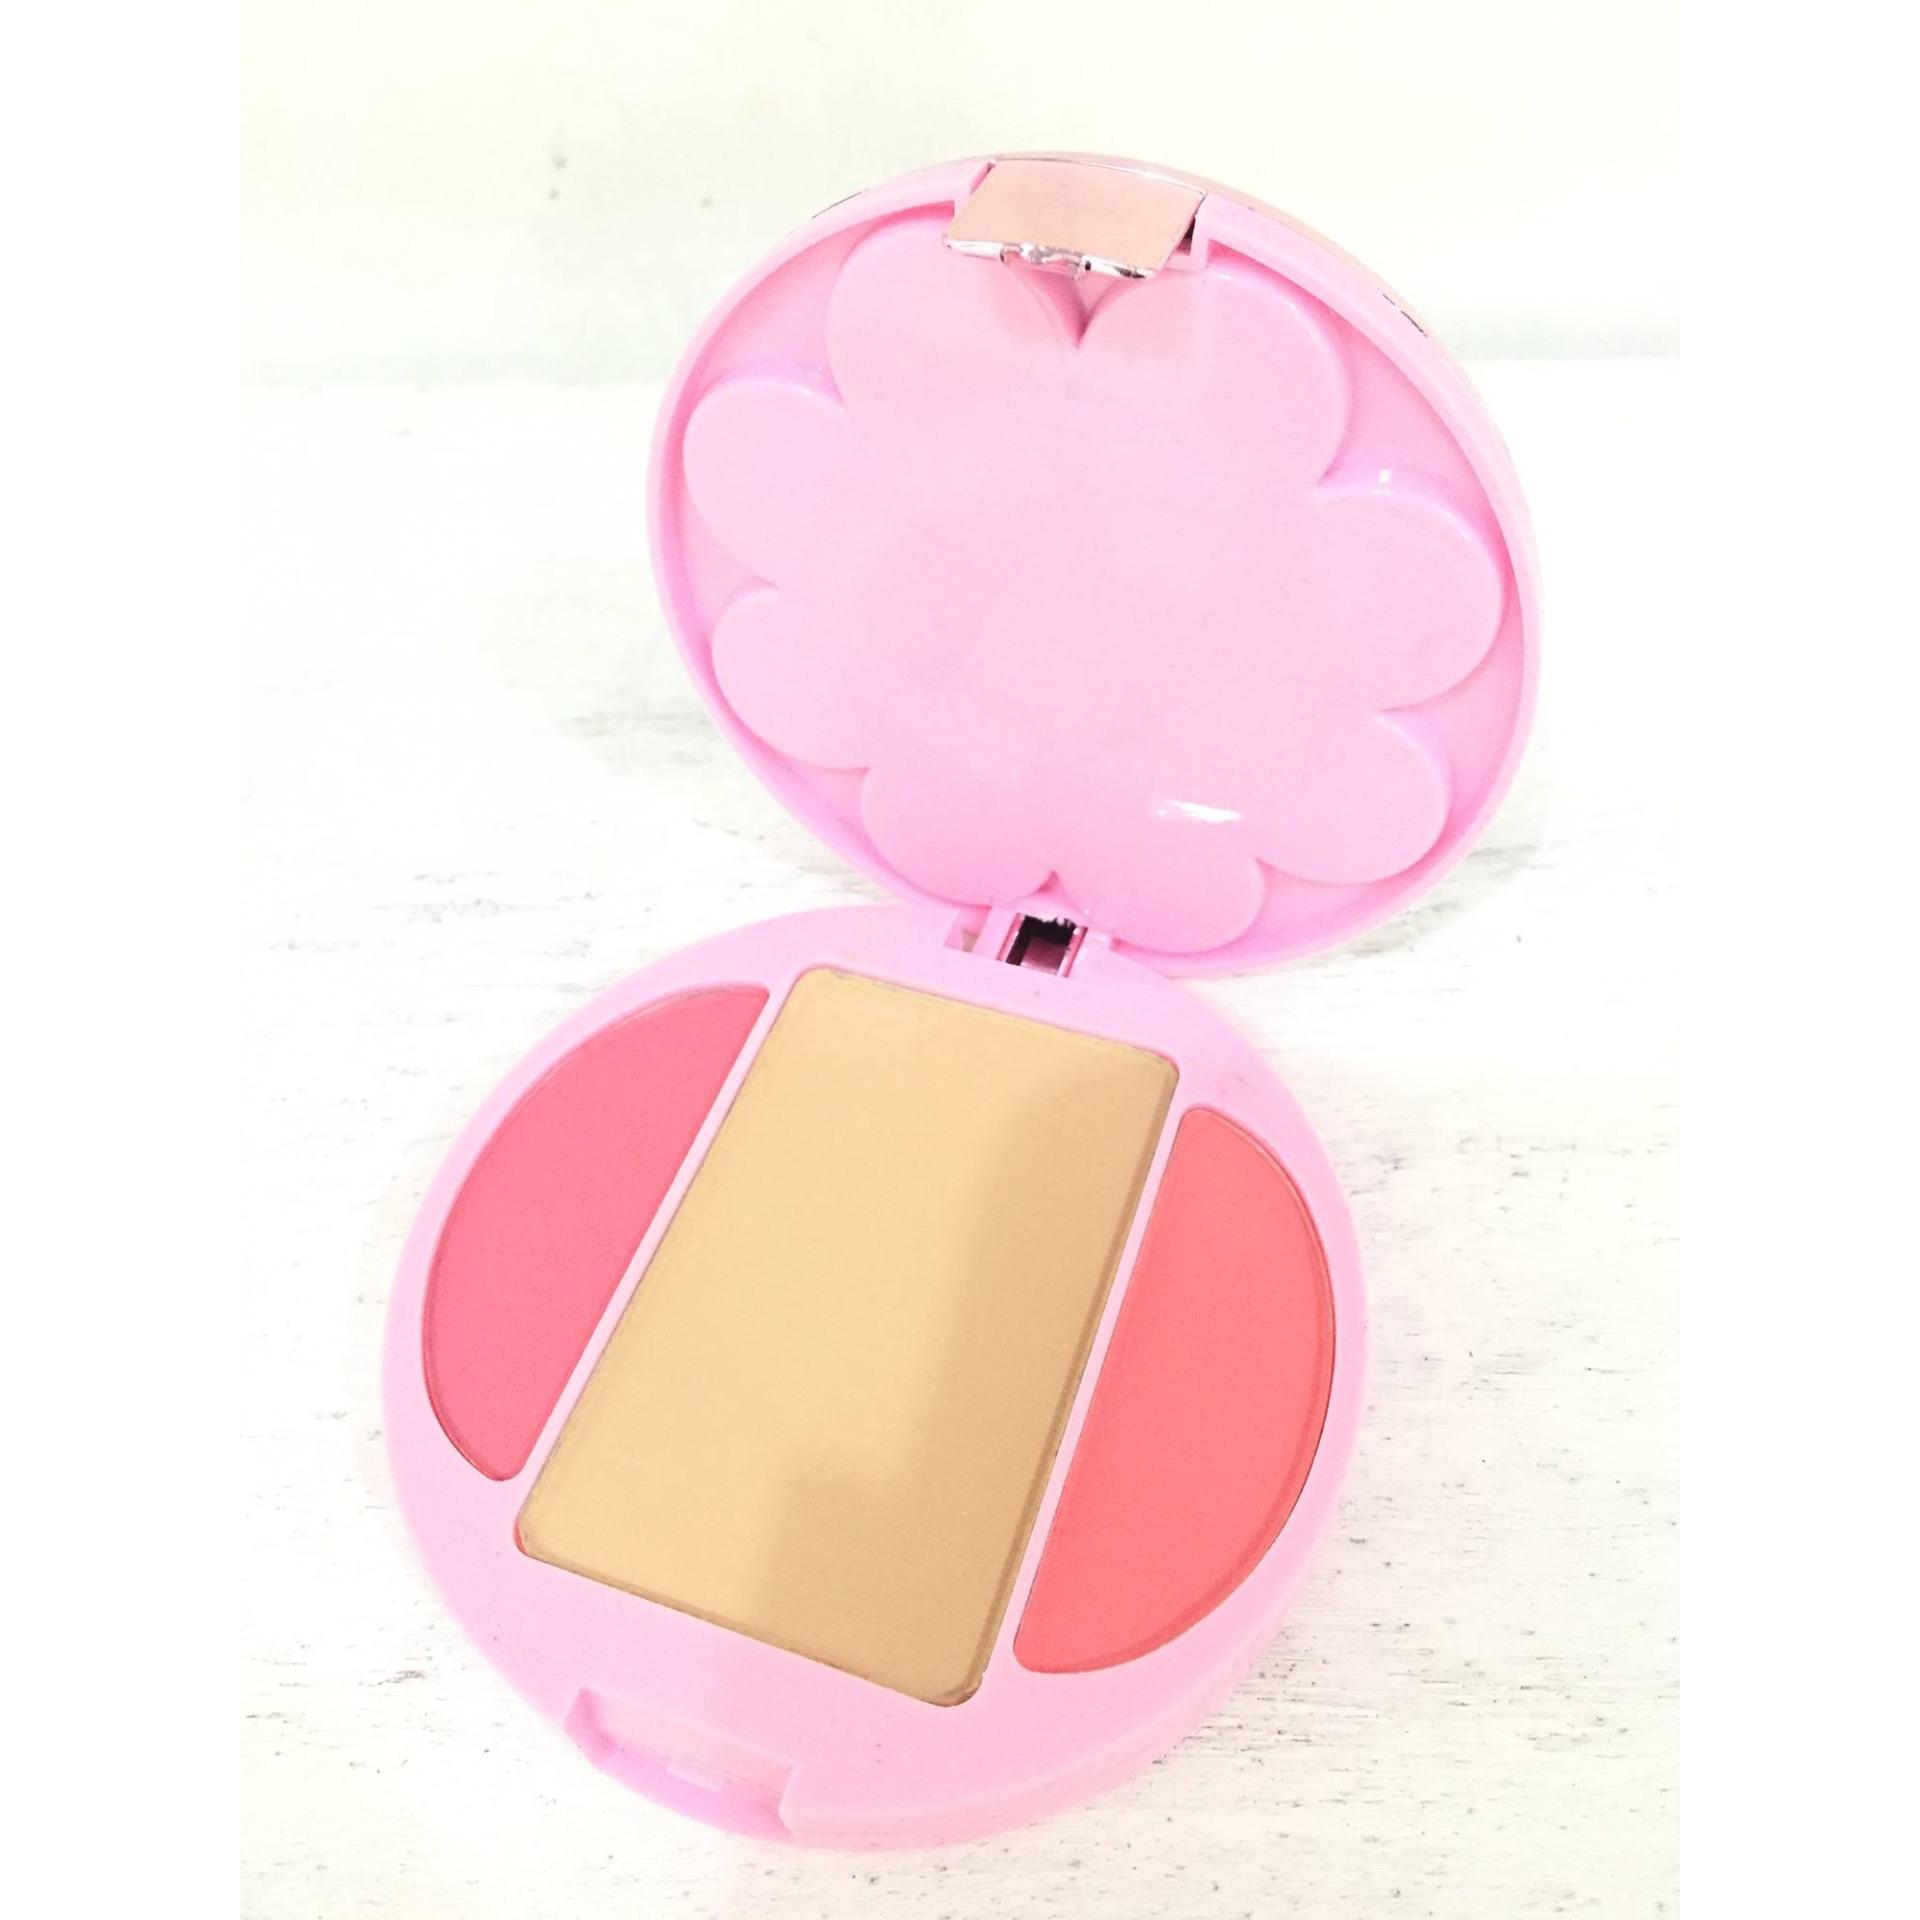 Mukka Eyeshadow 35 Collors Blusher 2 Item Daftar Harga Eye Shadow 7016 Travel Cosmetic Blush Lip Pallete